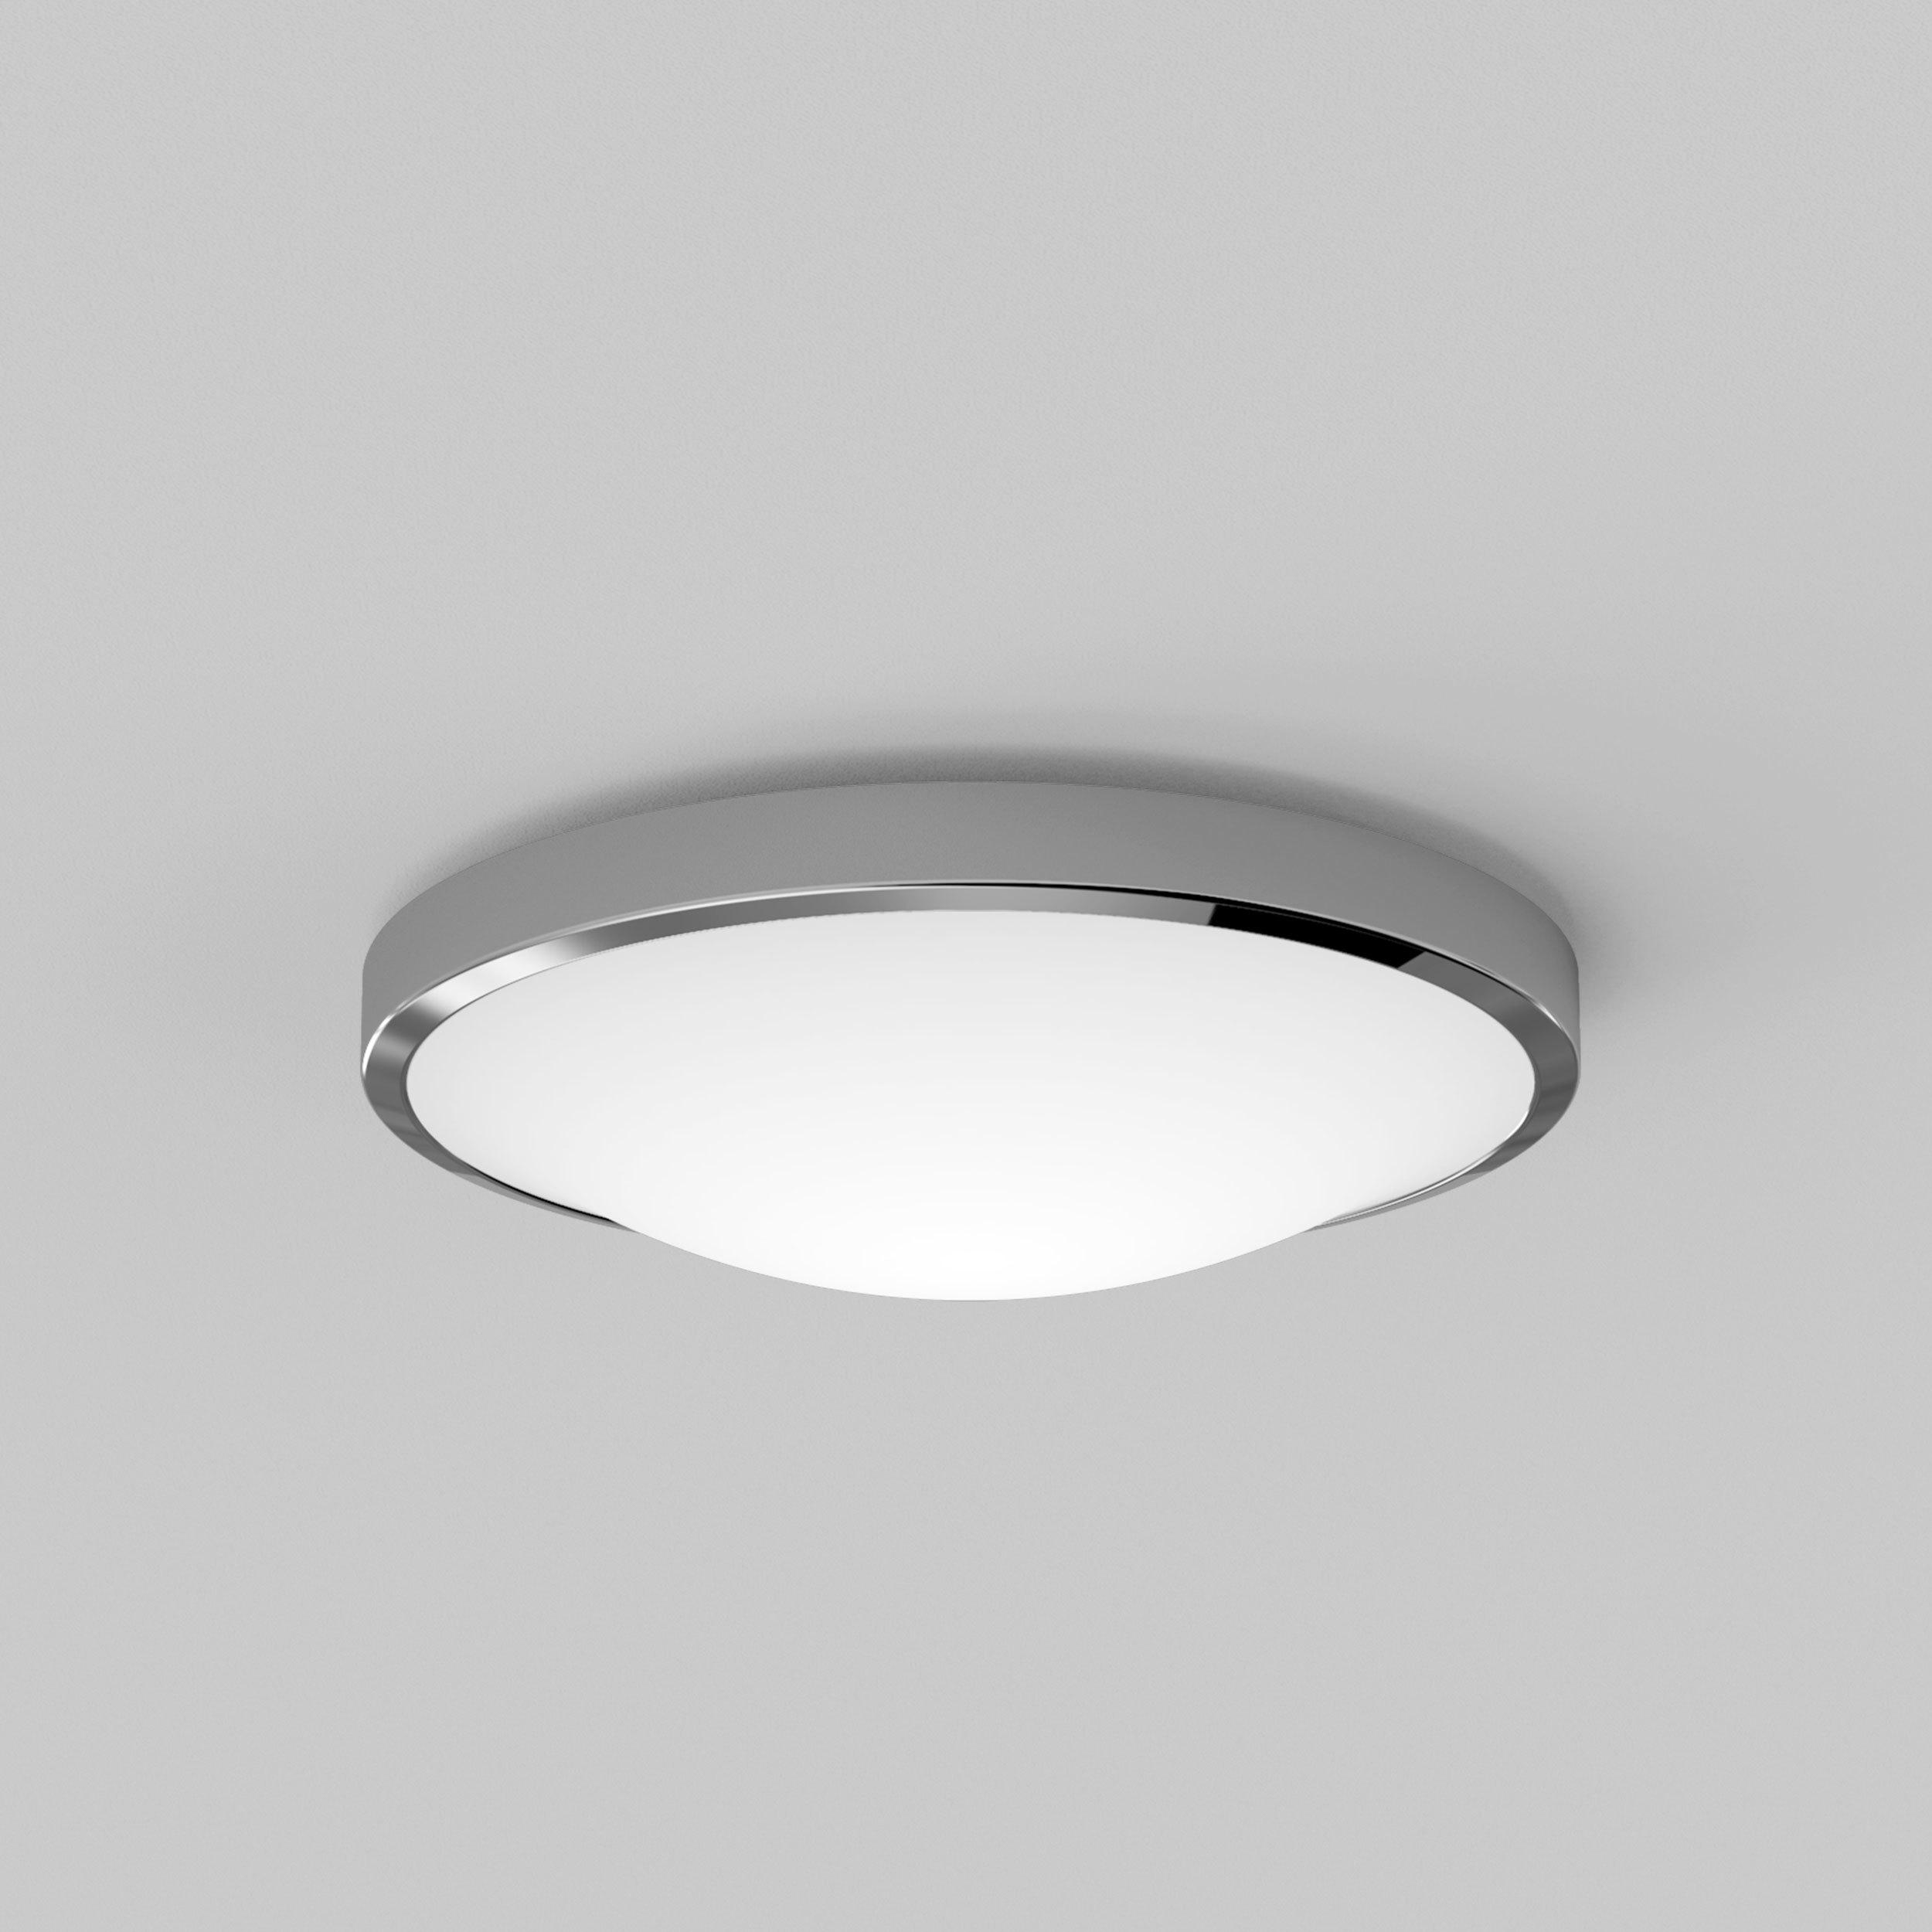 Потолочный светодиодный светильник Astro Osaka LED 1061009 (7831), IP44, LED 16W 2700K 1048lm CRI>80, хром, металл с пластиком, пластик - фото 3